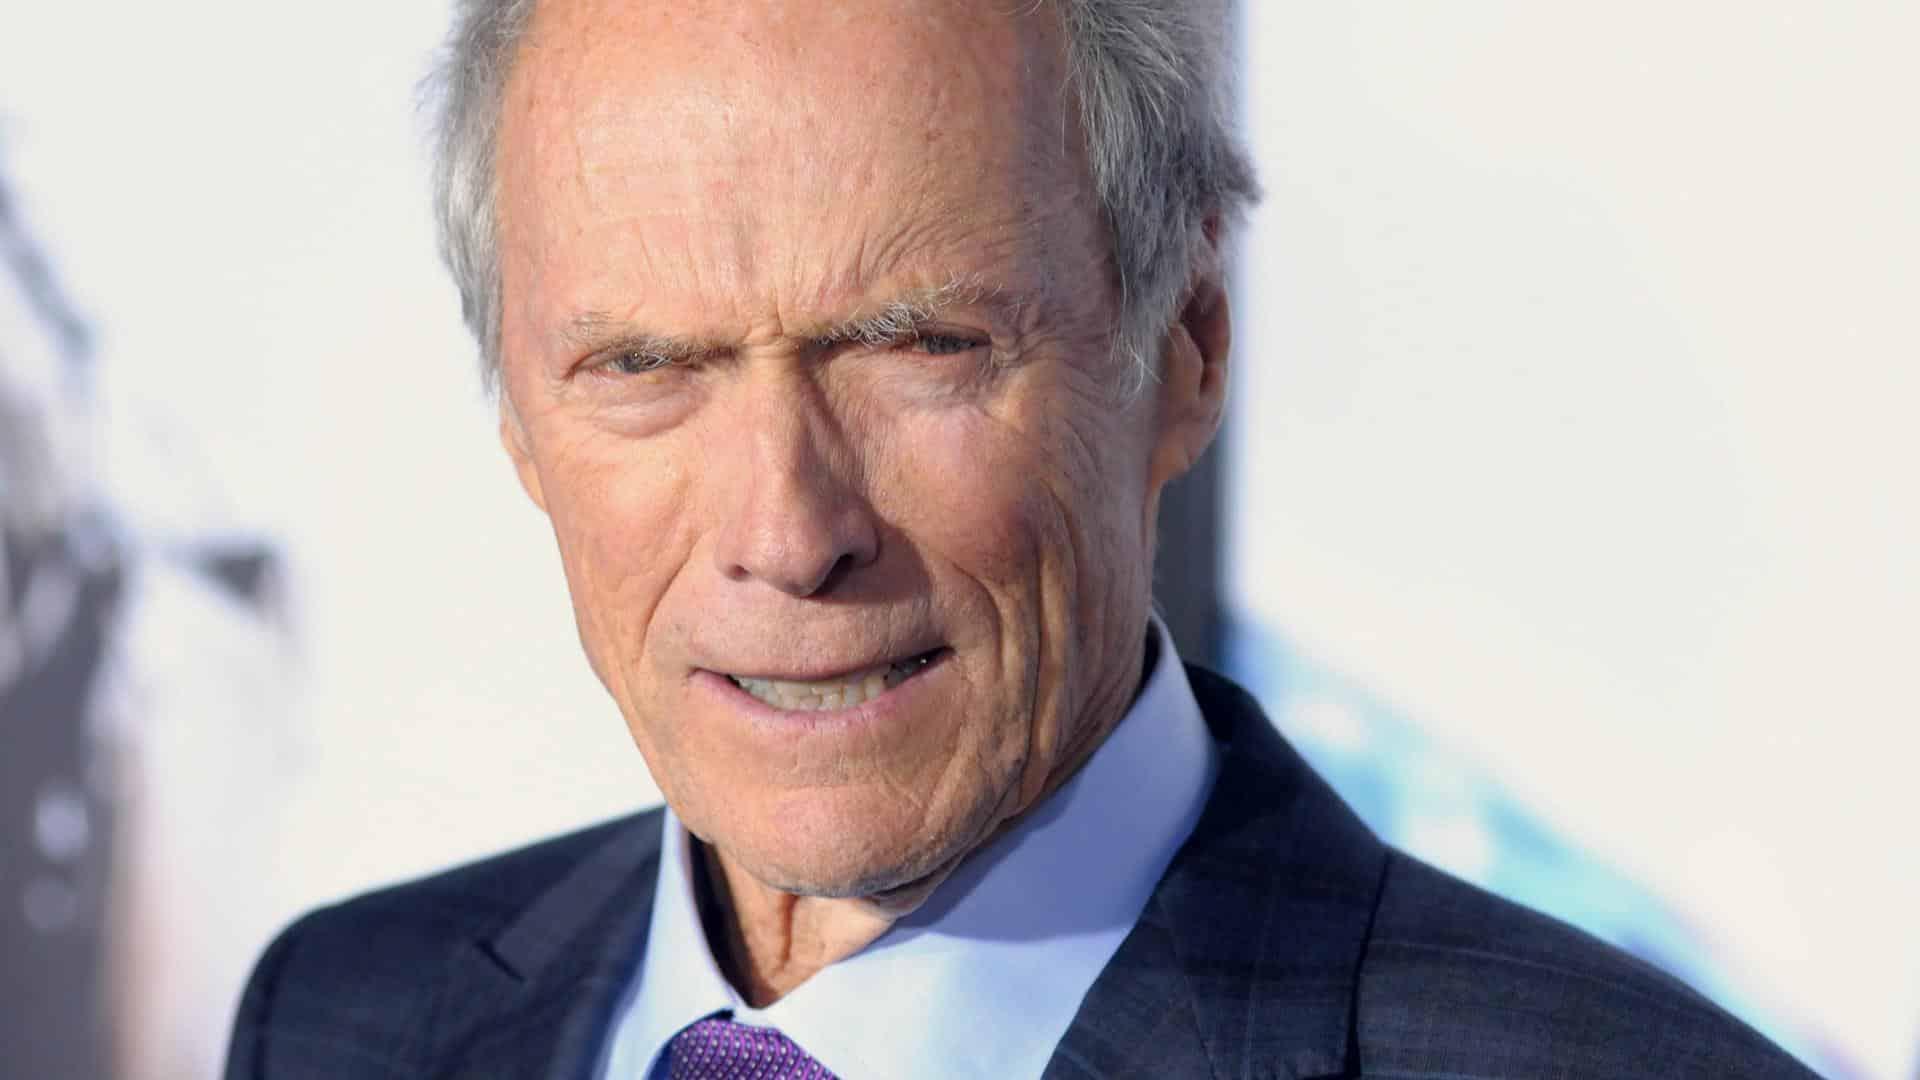 režisér Clint Eastwood